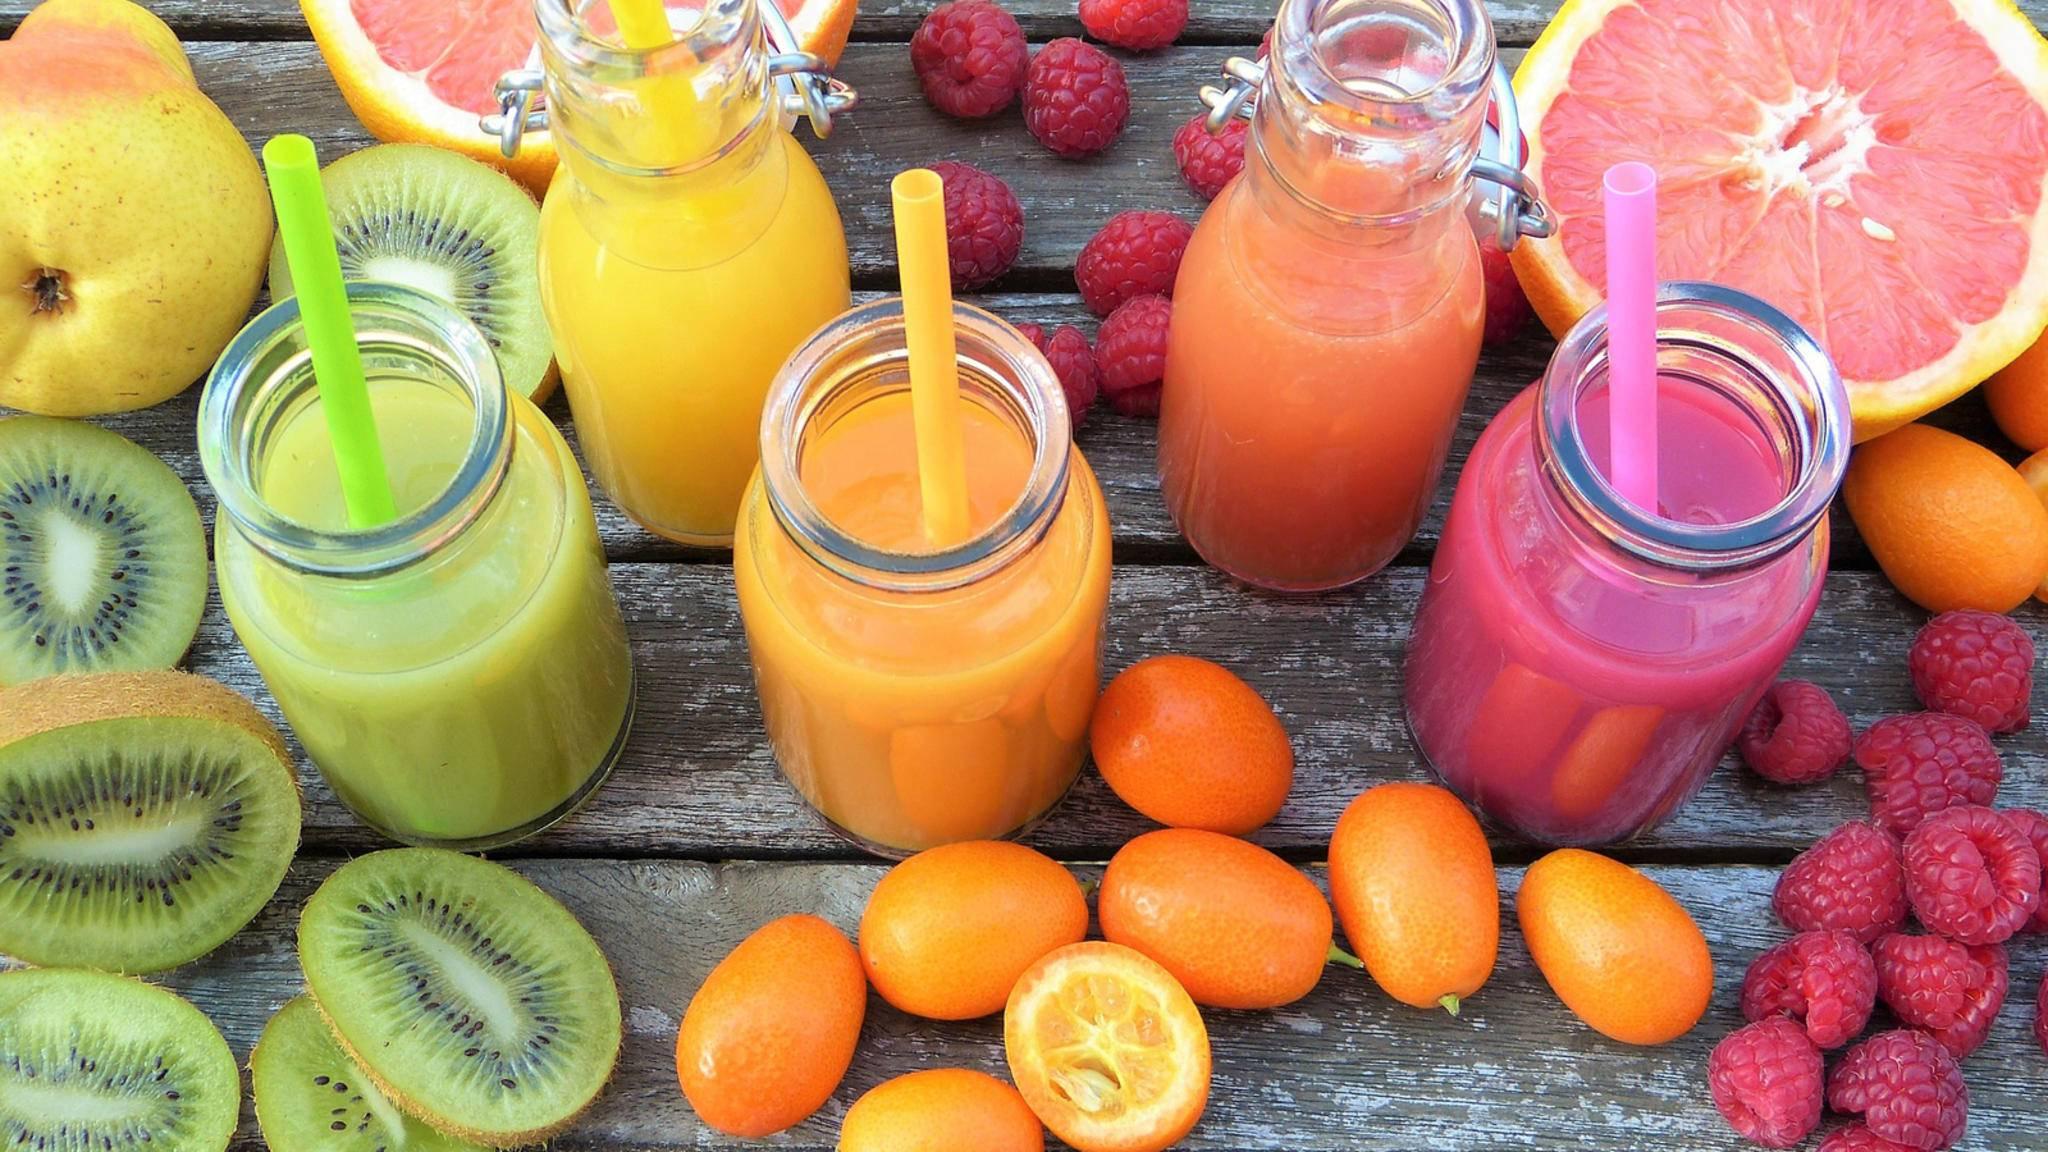 Egal, ob Fatburner oder nicht, Smoothies sind eine gesunde Ergänzung für Deinen Speiseplan.